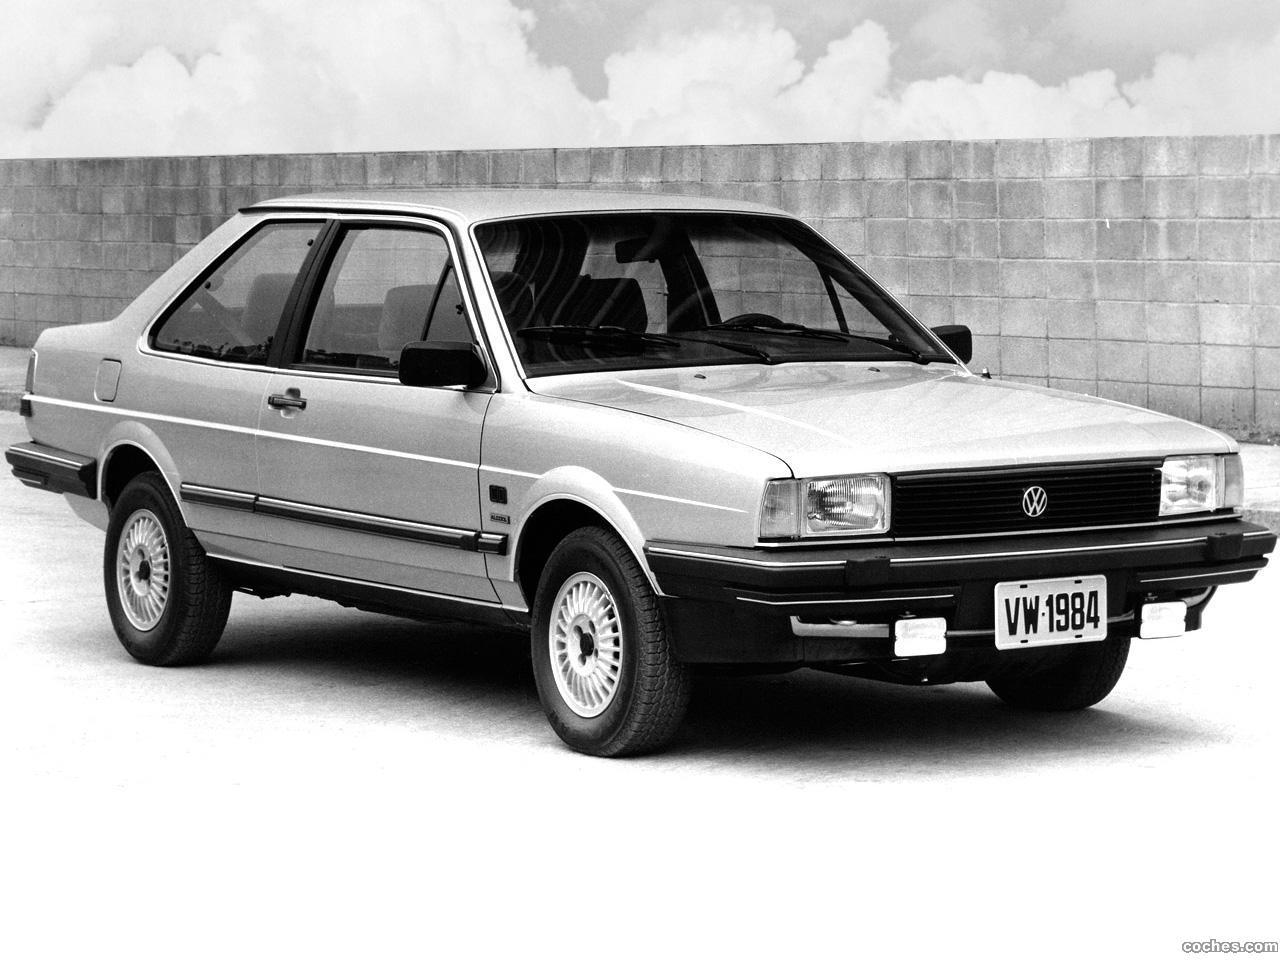 Foto 0 de Volkswagen Santana 2 puertas Brasil 1984